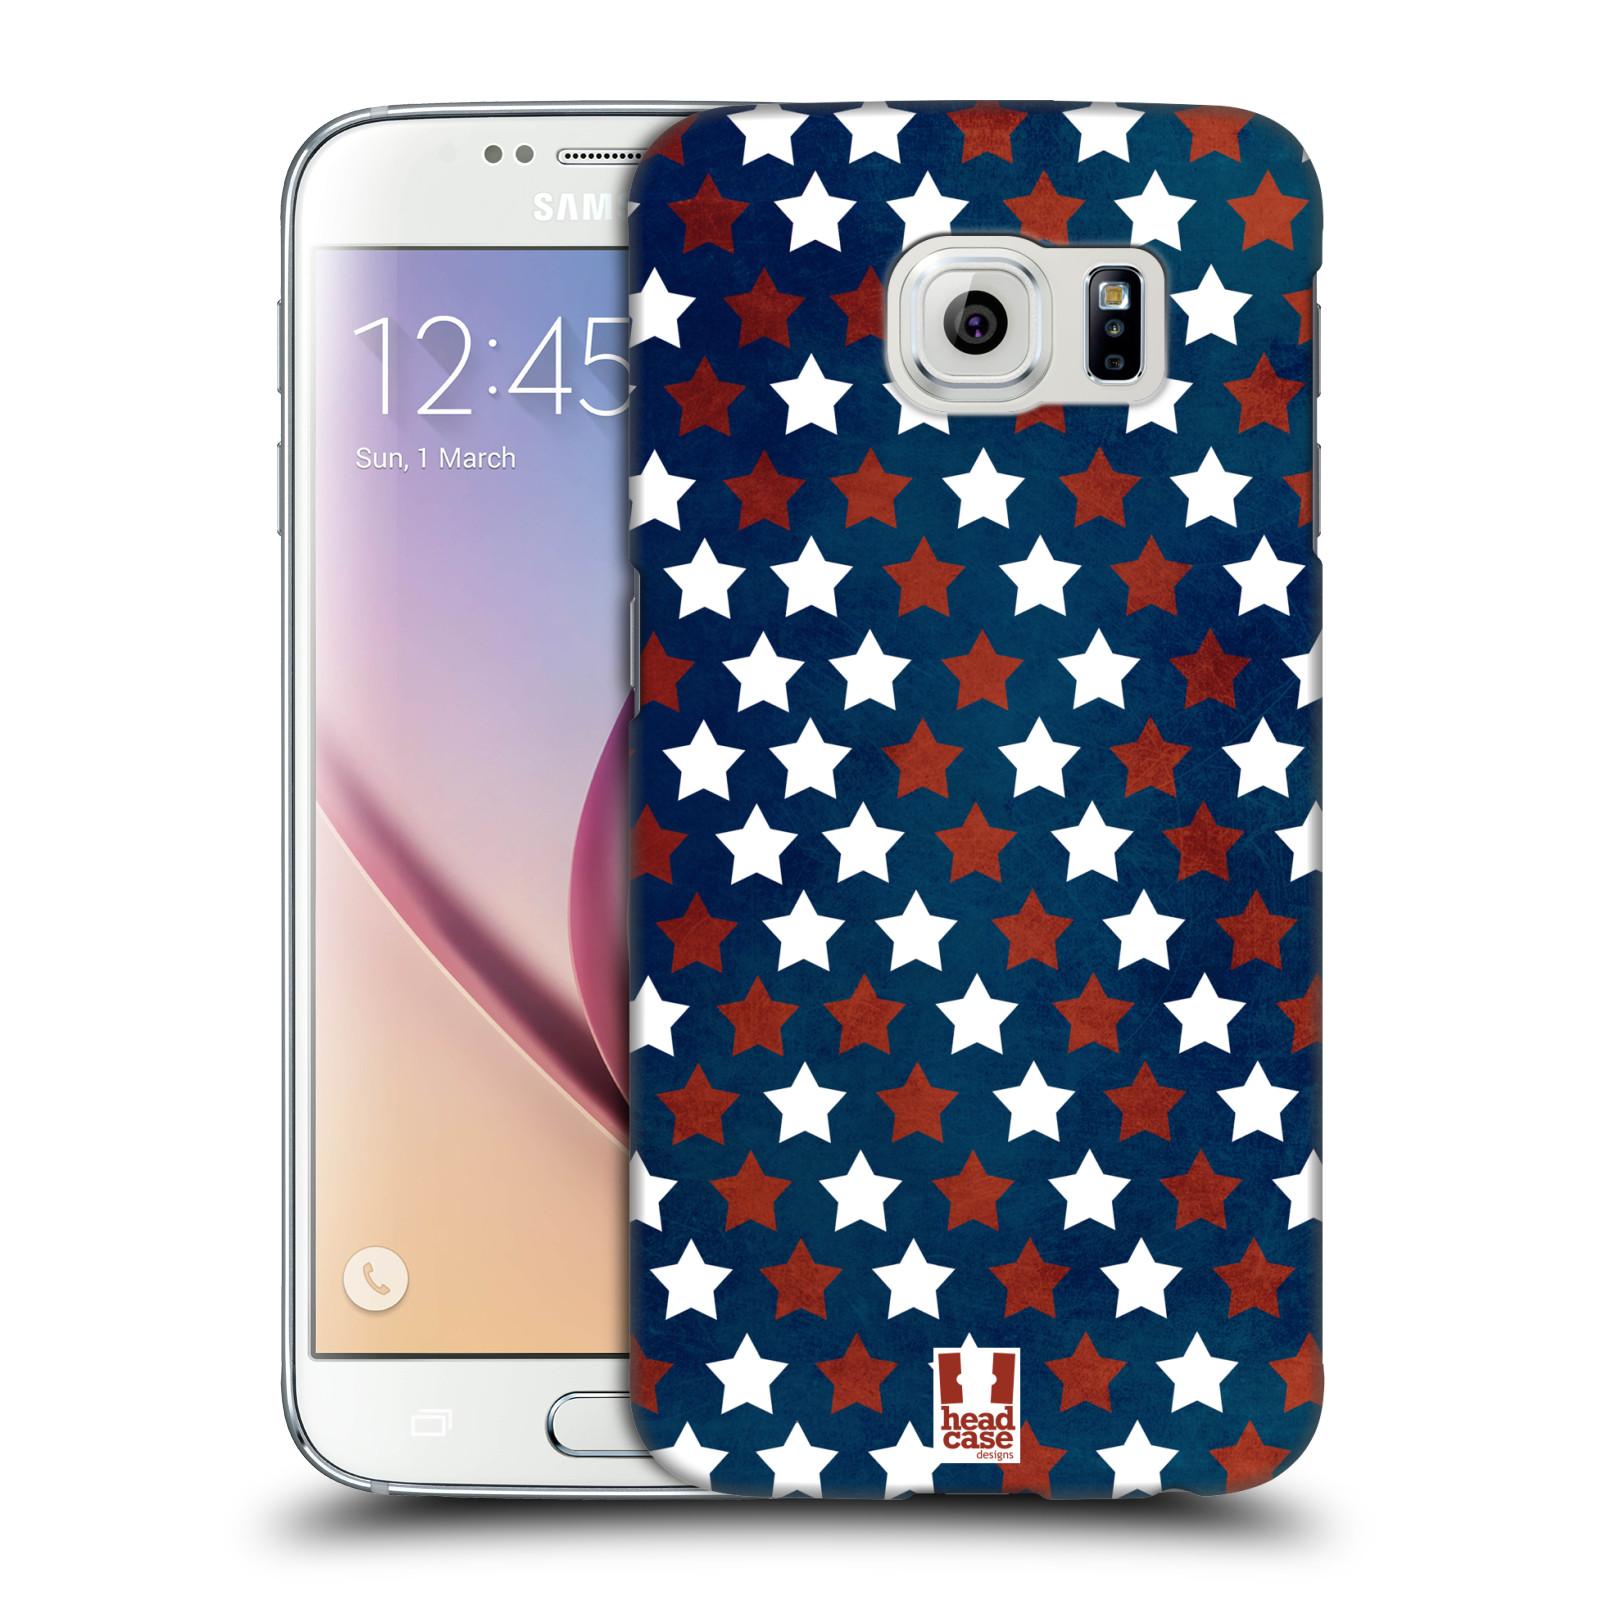 HEAD CASE plastový obal na mobil SAMSUNG Galaxy S6 (G9200, G920F) vzor USA VLAJKA HVĚZDY V MODRÉM